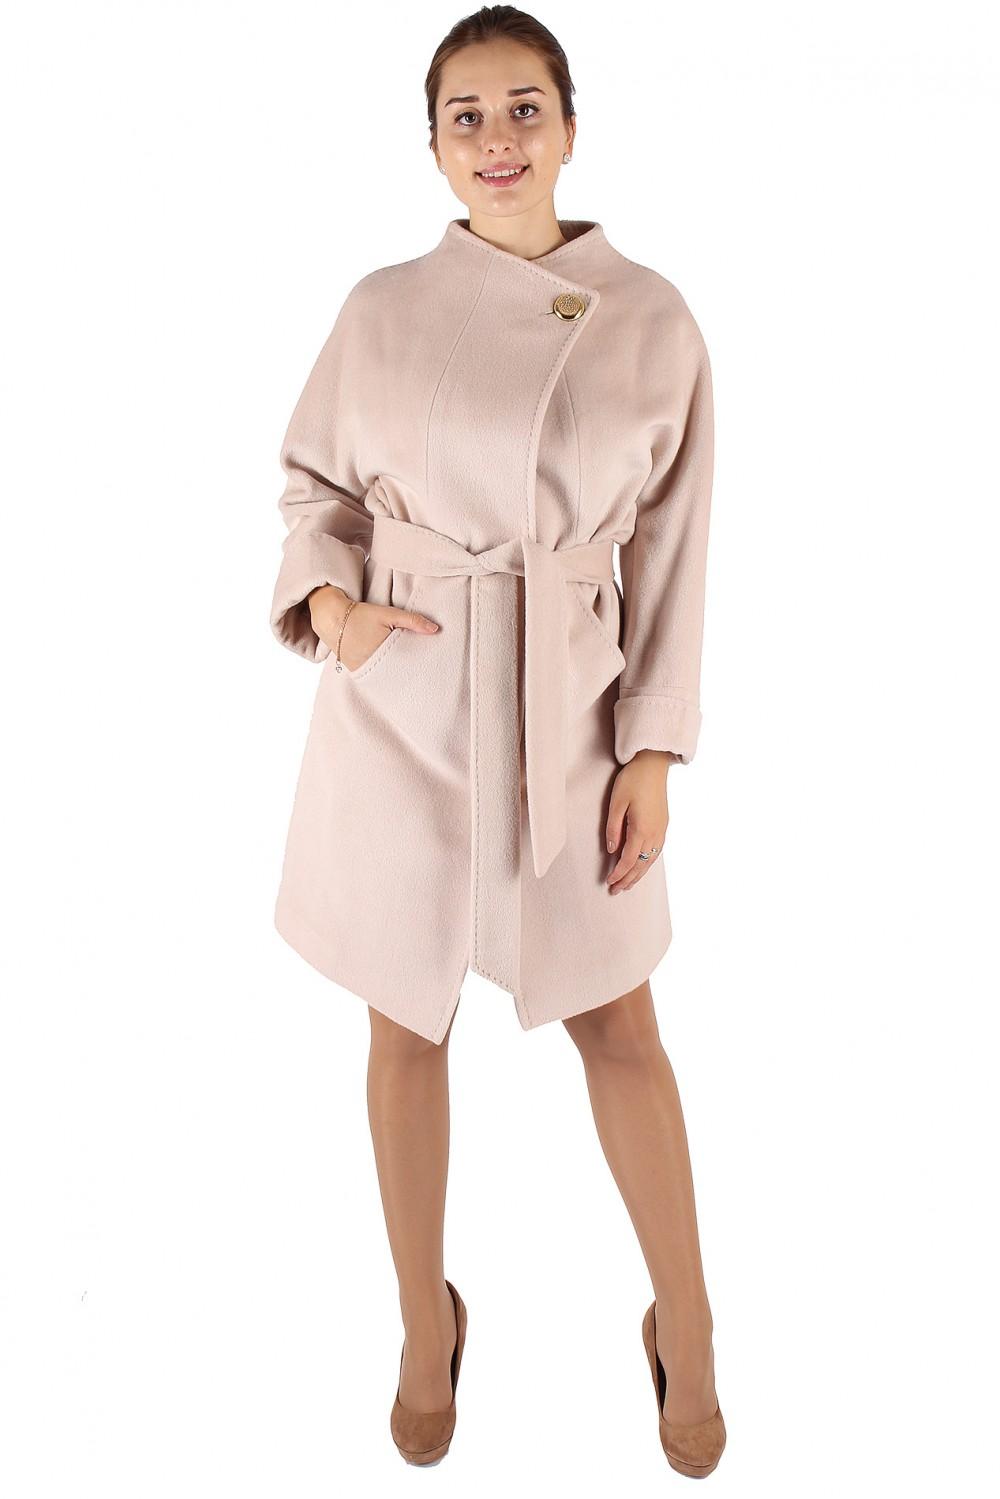 Купить оптом Пальто женское бежевого цвета 380B в Уфе